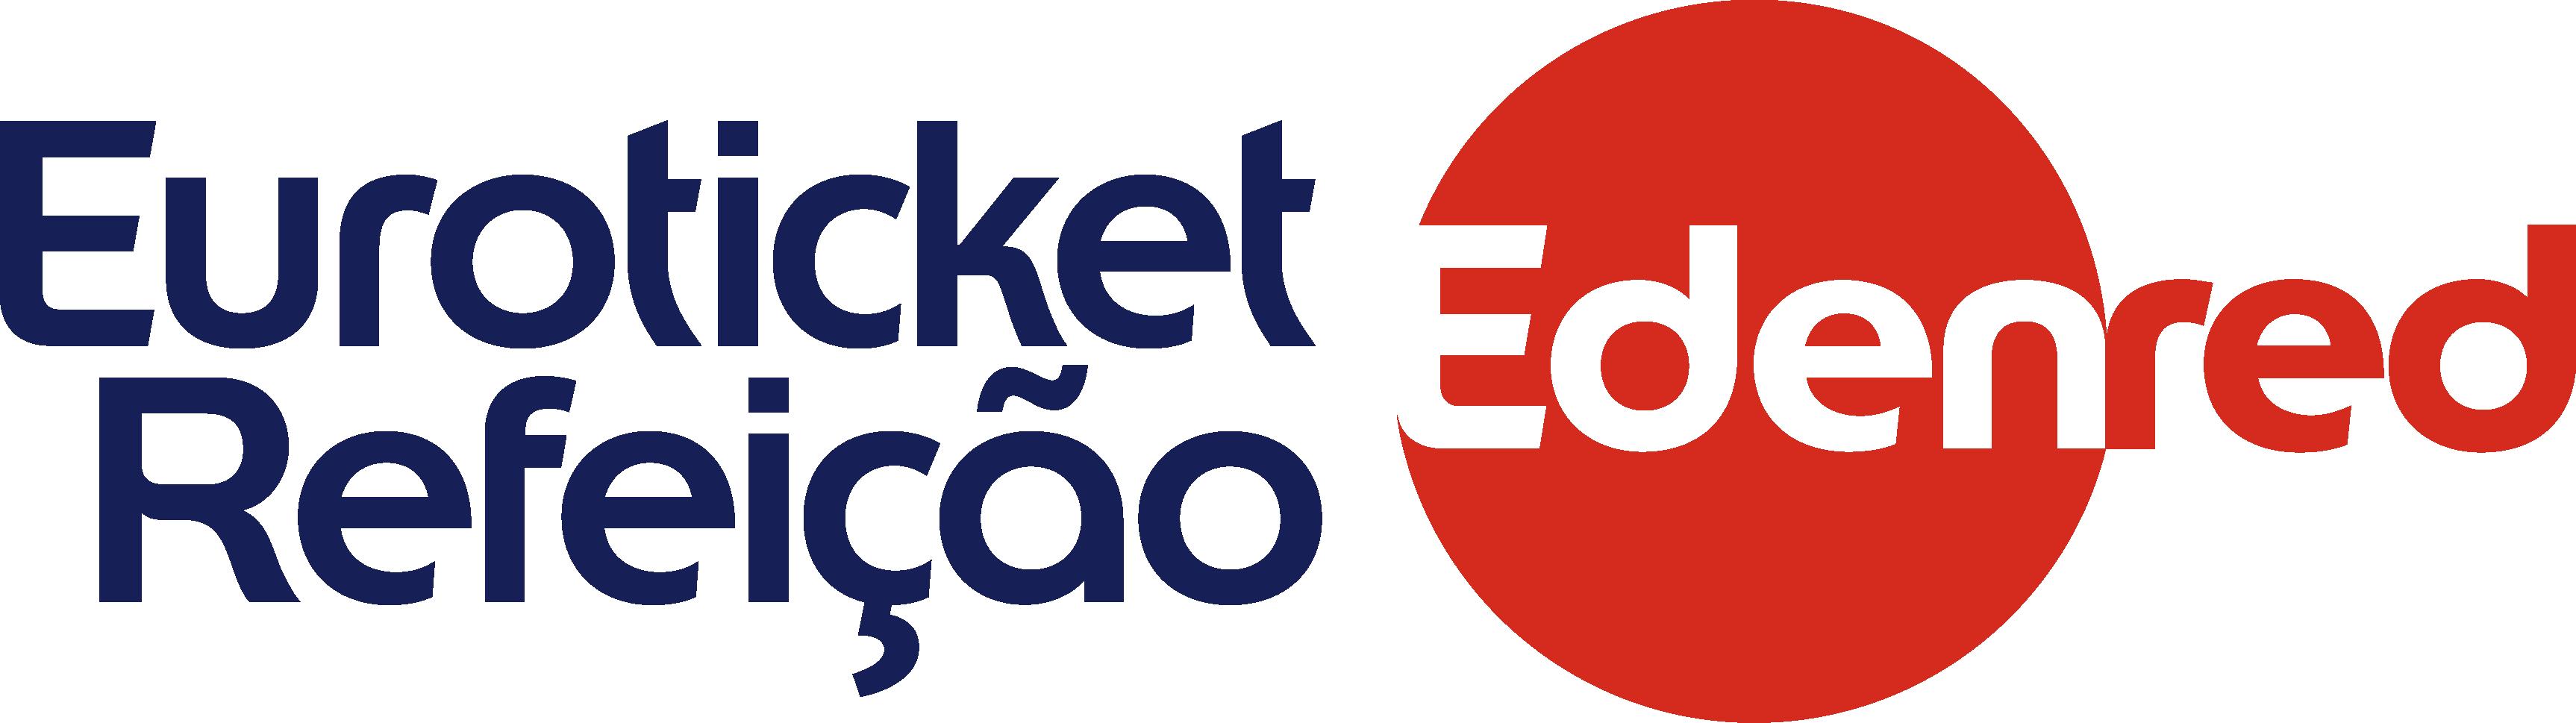 Euroticket Refeição